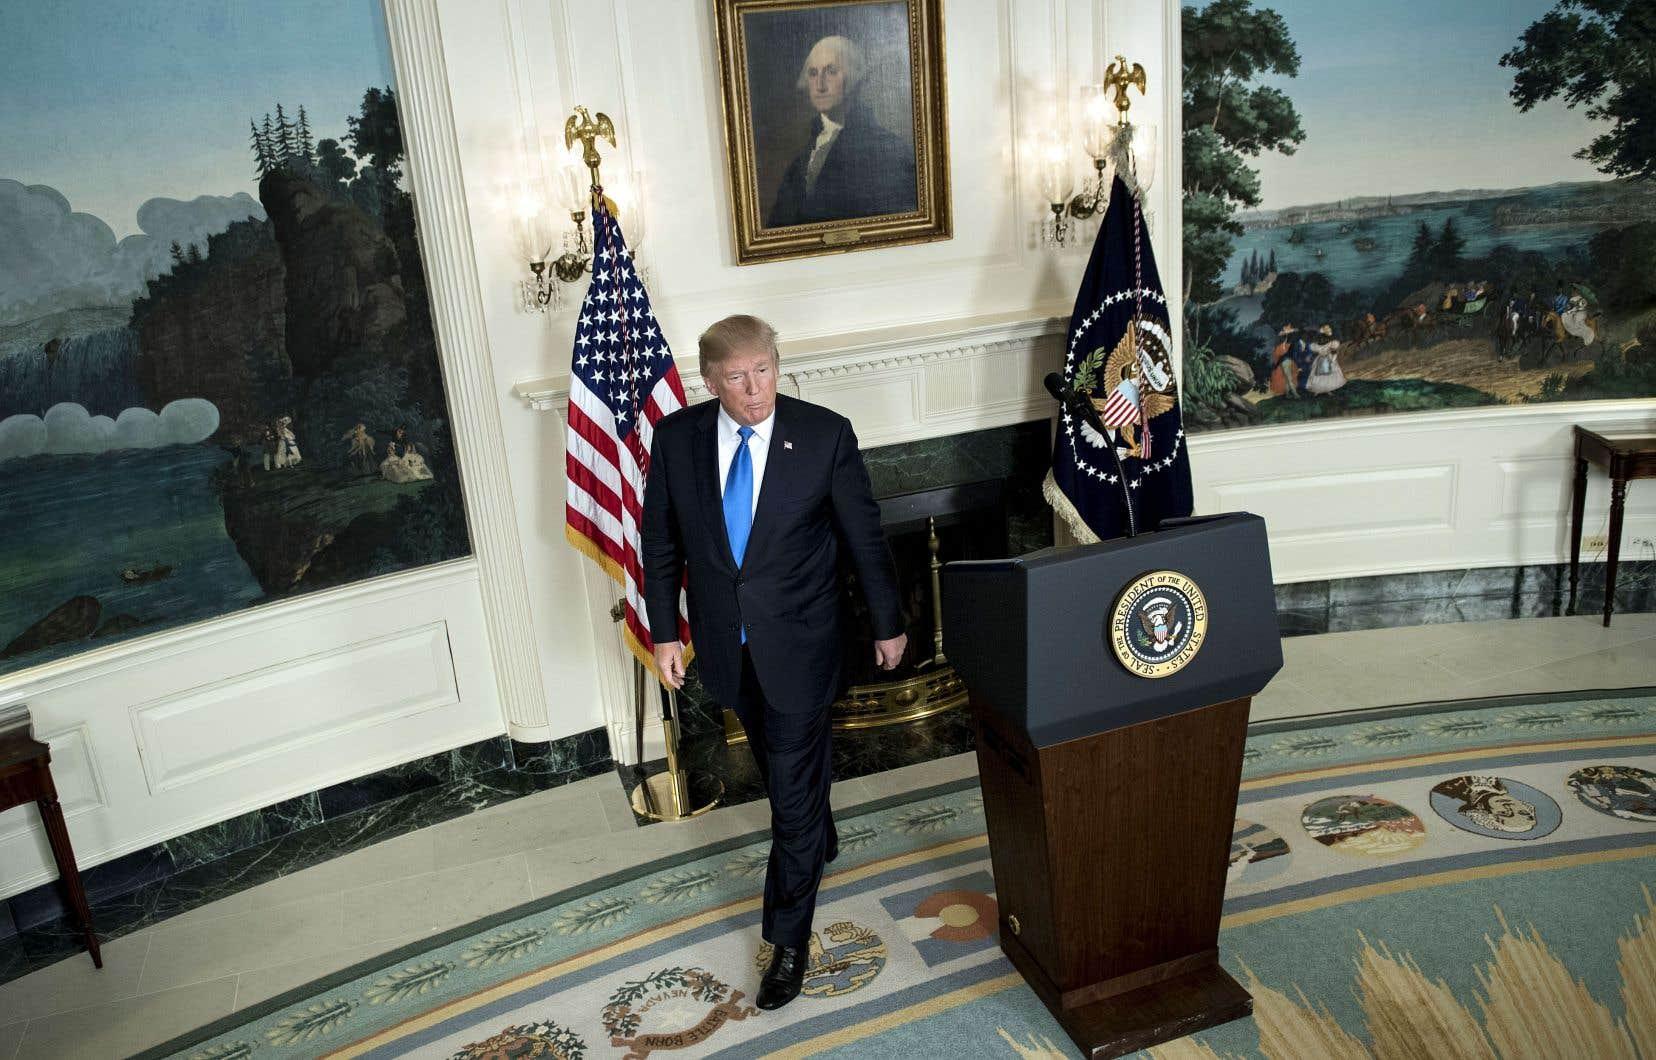 Le président Trump a démantelé de nombreuses réglementations environnementales, économiques et financières qui, selon lui, entravaient les investissements, l'emploi et la croissance du pays.